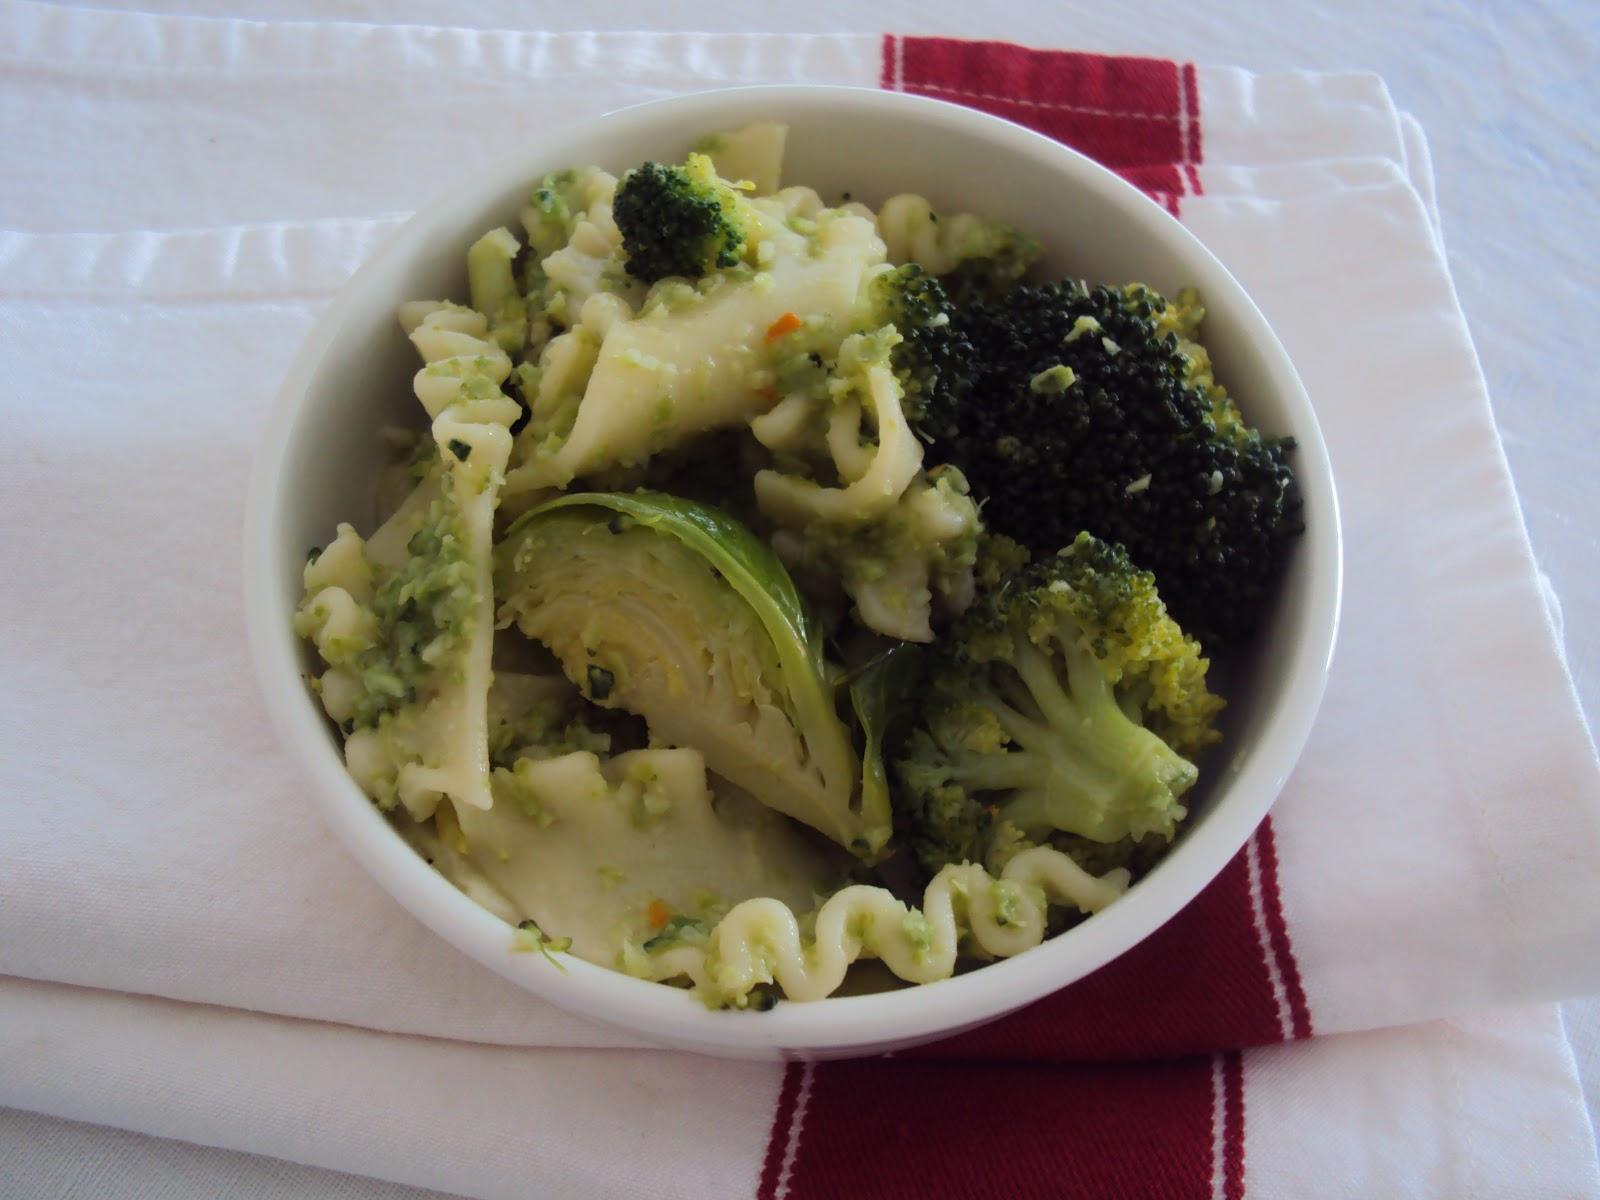 Dig In: Jamie Oliver's broccoli pasta  Sort of